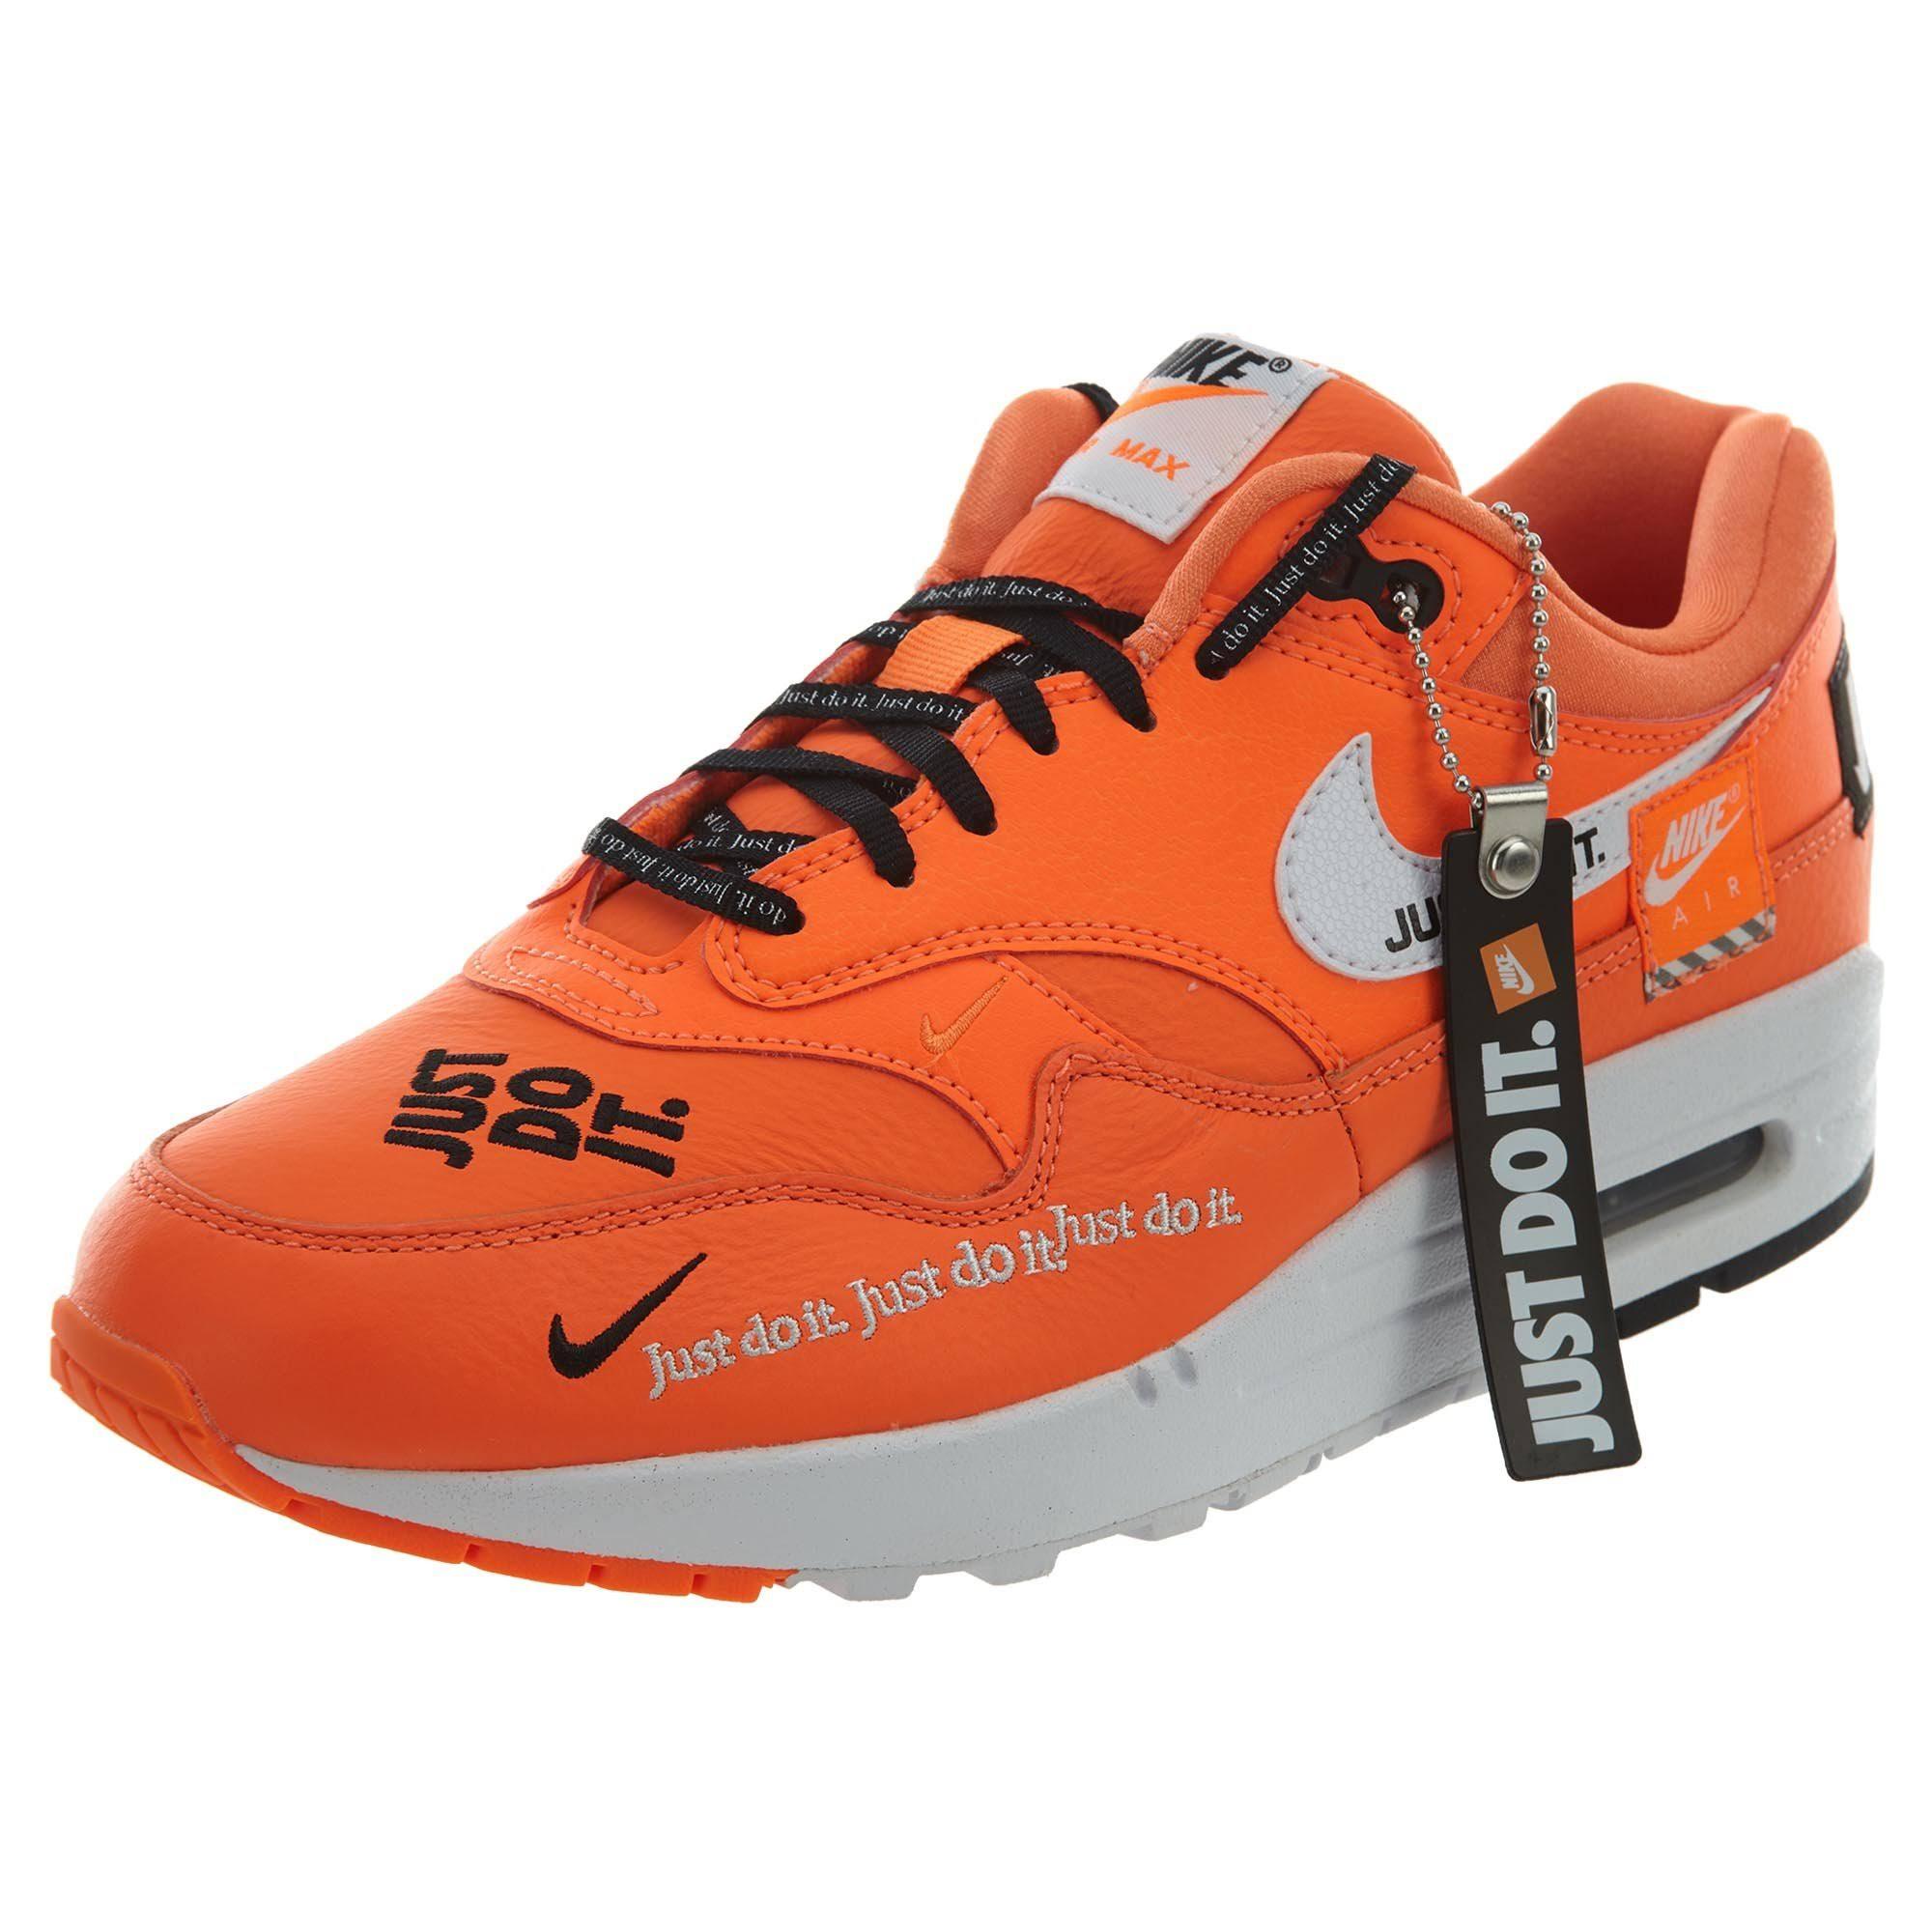 Wmns Air Nike Totaal 1 oranje Max Gewoon Lx doen hdxtQrCBs